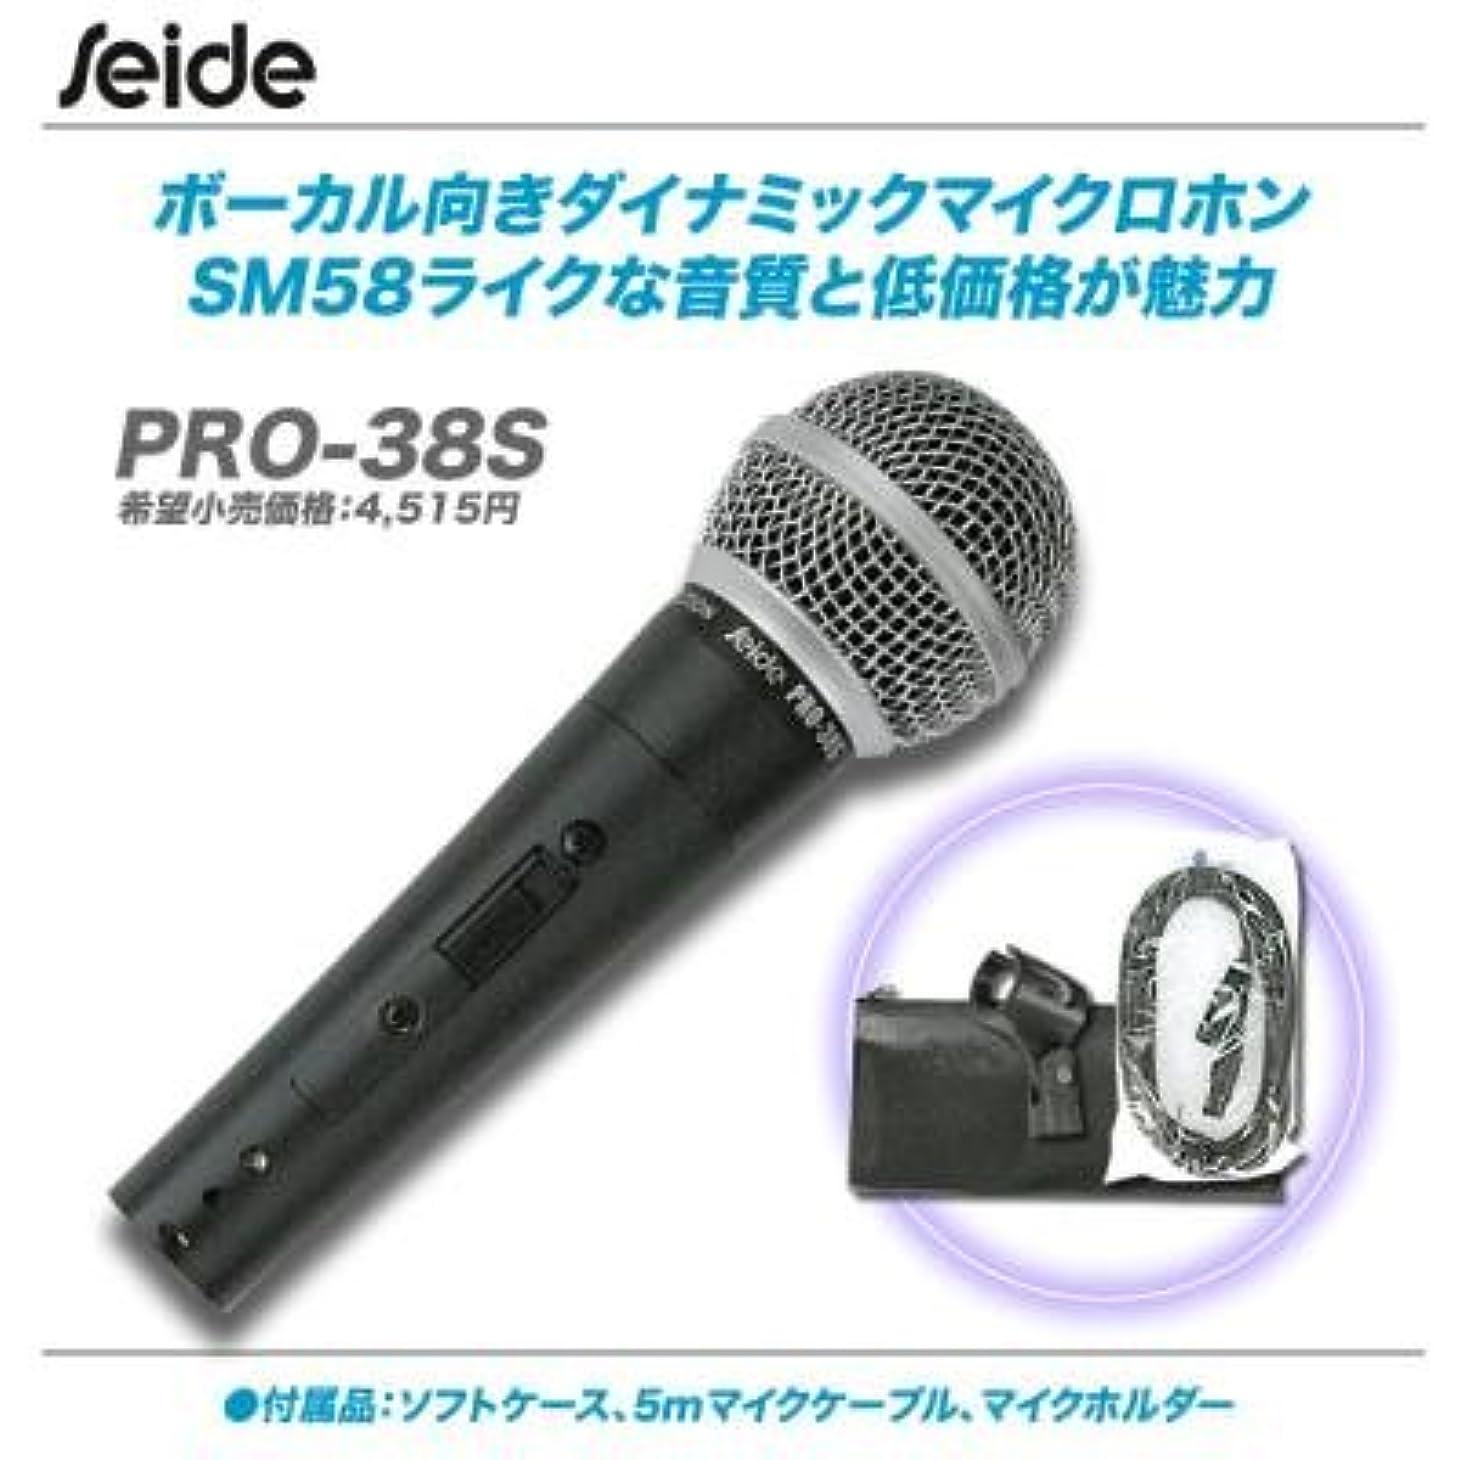 数学繊維ずんぐりしたSEIDE(ザイド)PRO-38S 低価格ダイナミックマイク 販売【mask dB】